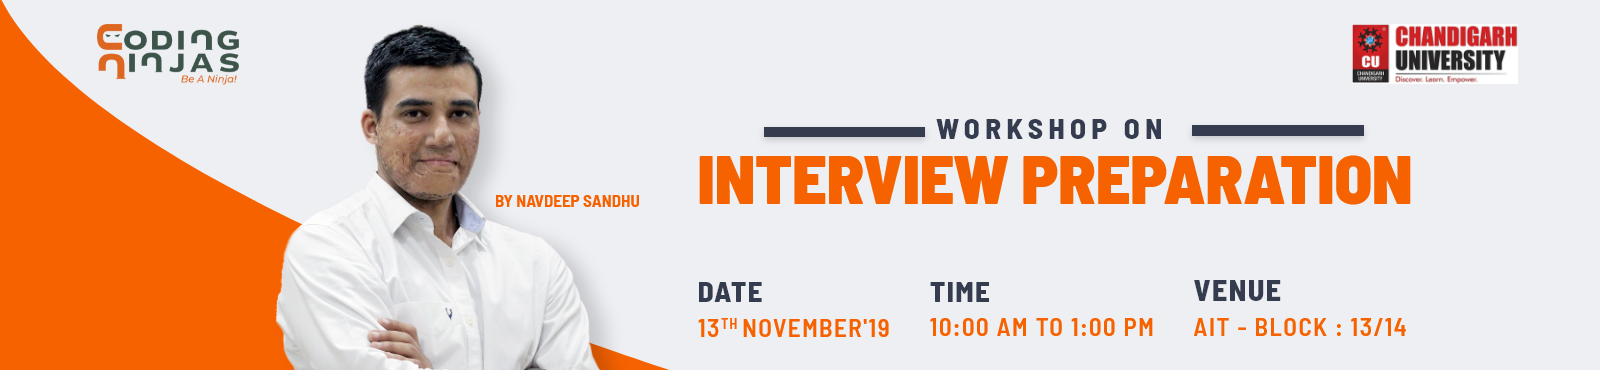 Interview preparation workshop at Chandigarh University